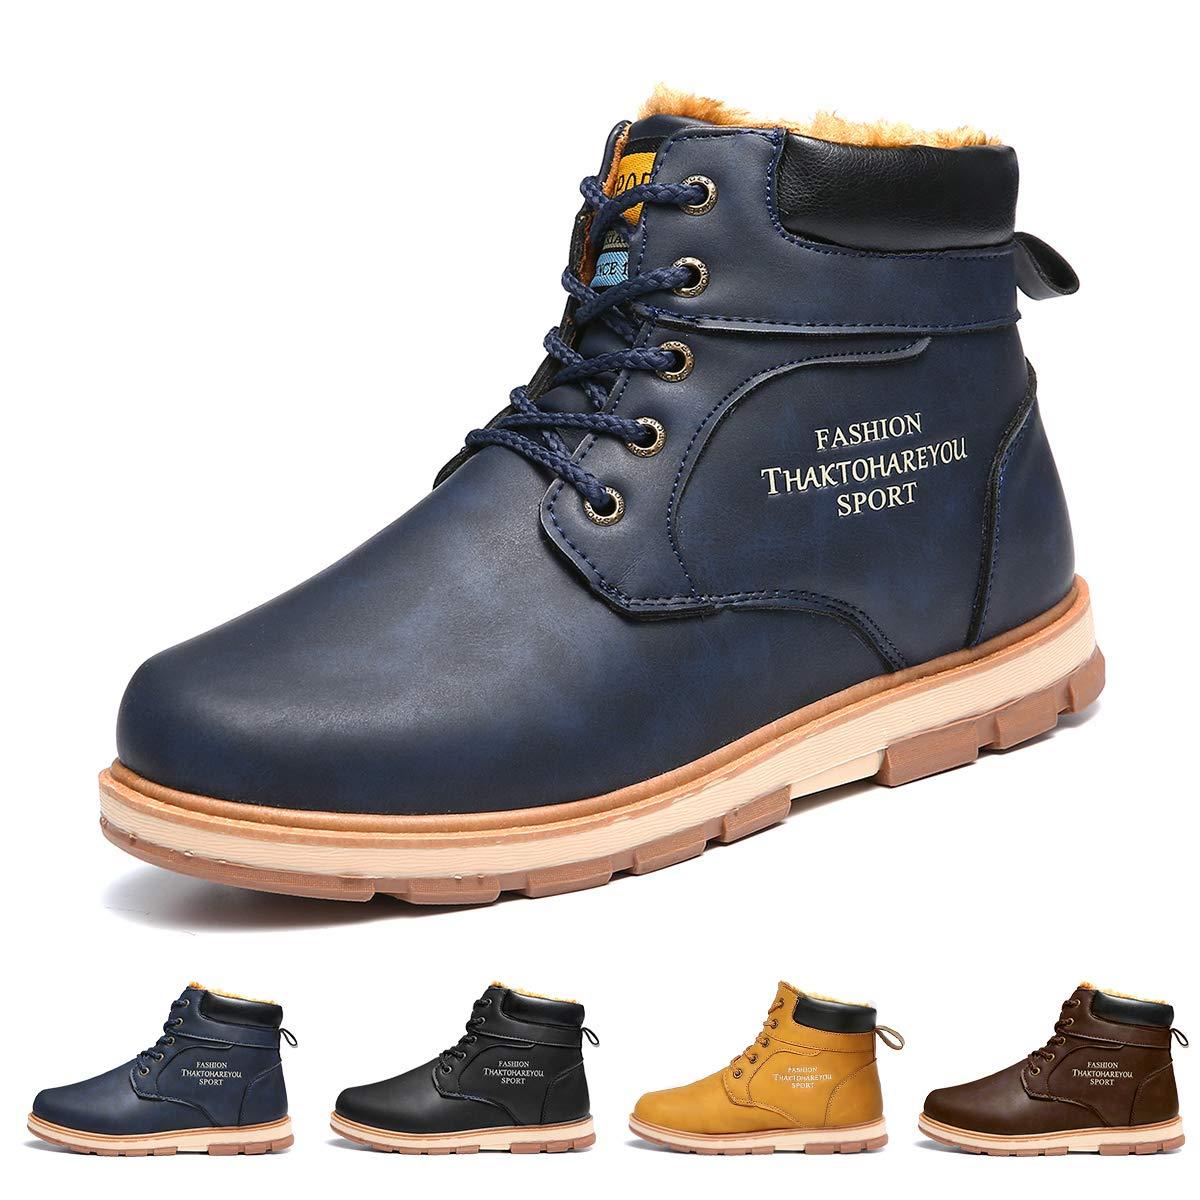 Gracosy Bottes Homme Hiver Fourrure, Chaussure de Ville Bottines à Lacets en Nubuck Imperméable Bottines de Neige Fourrées Chaude Confortable Boots